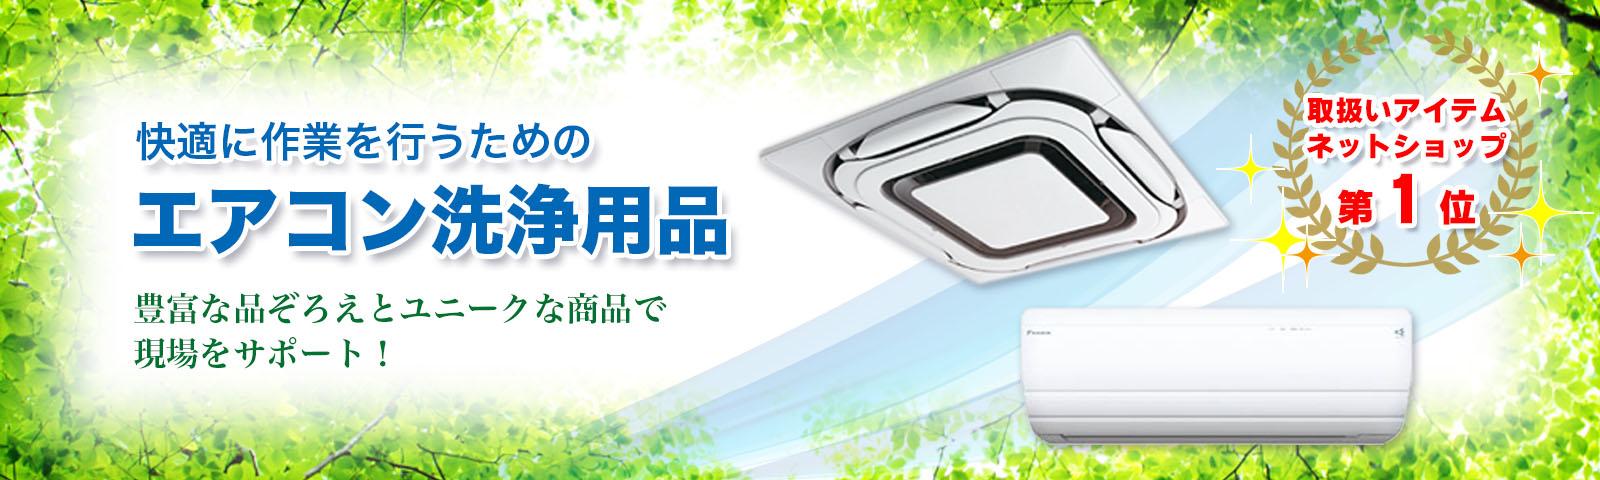 エアコン・空調洗浄用品